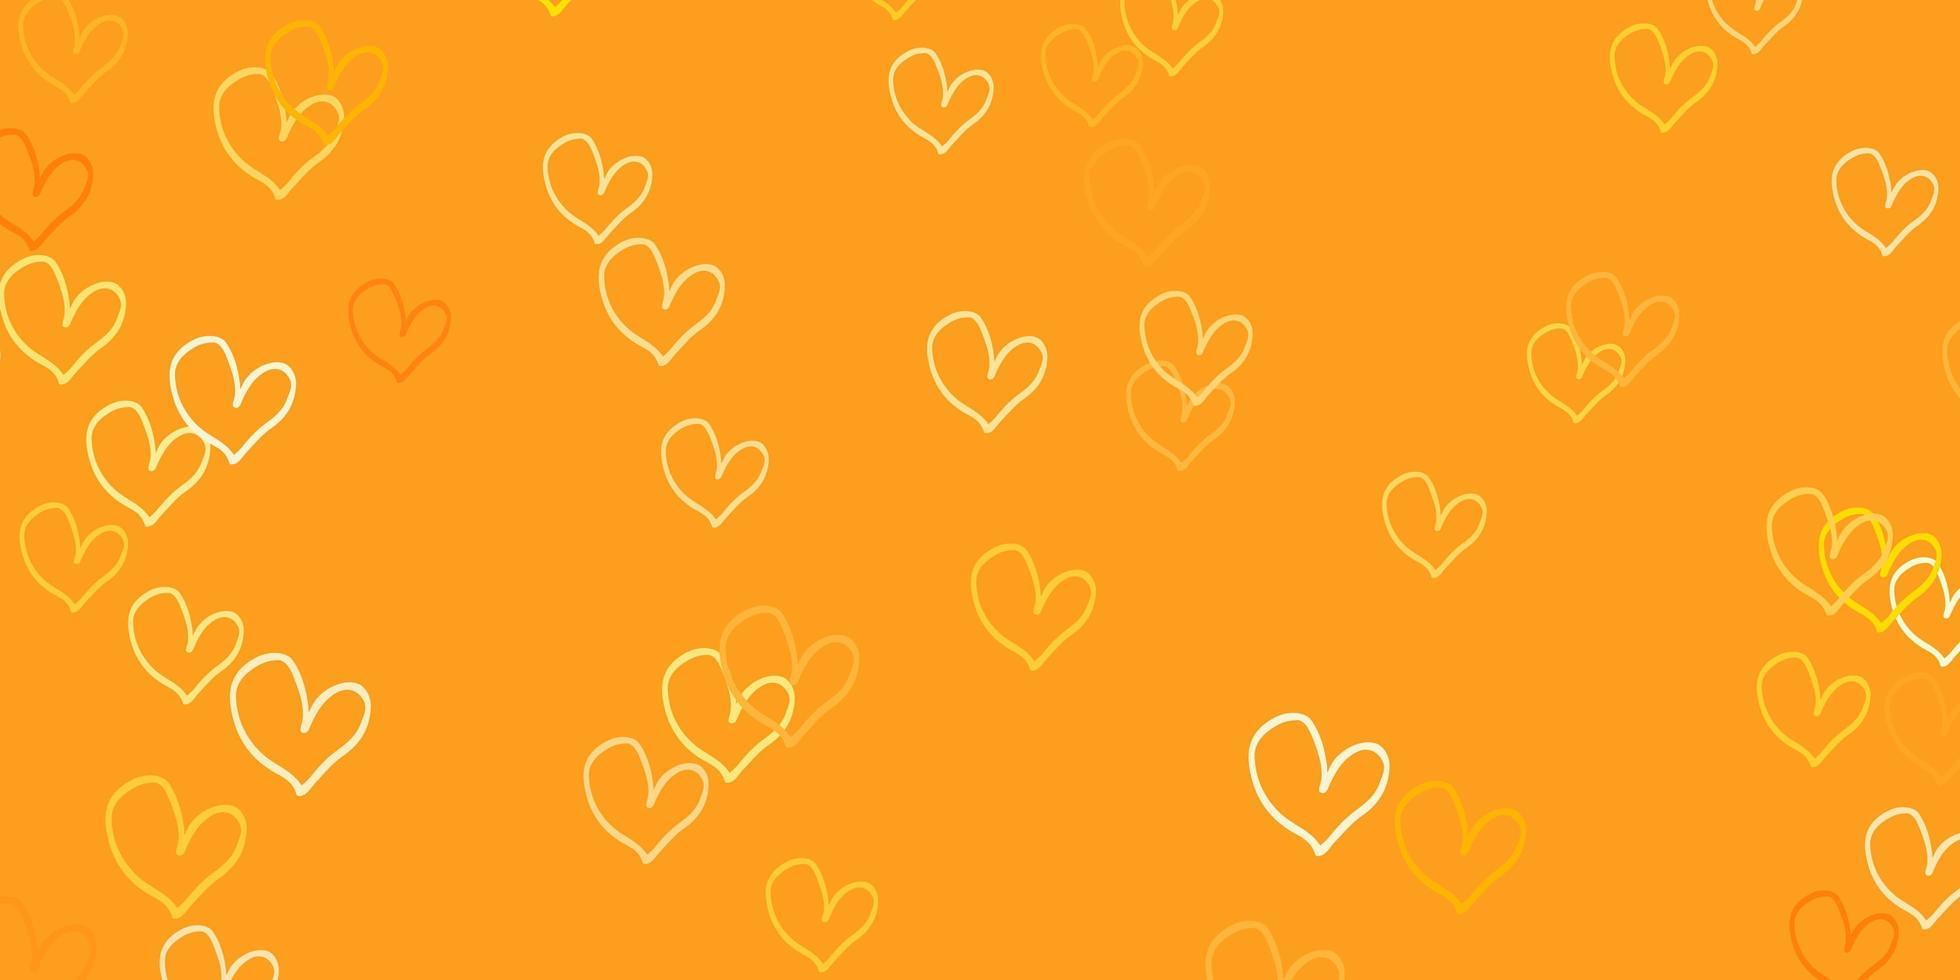 lichtoranje vector achtergrond met glanzende harten.